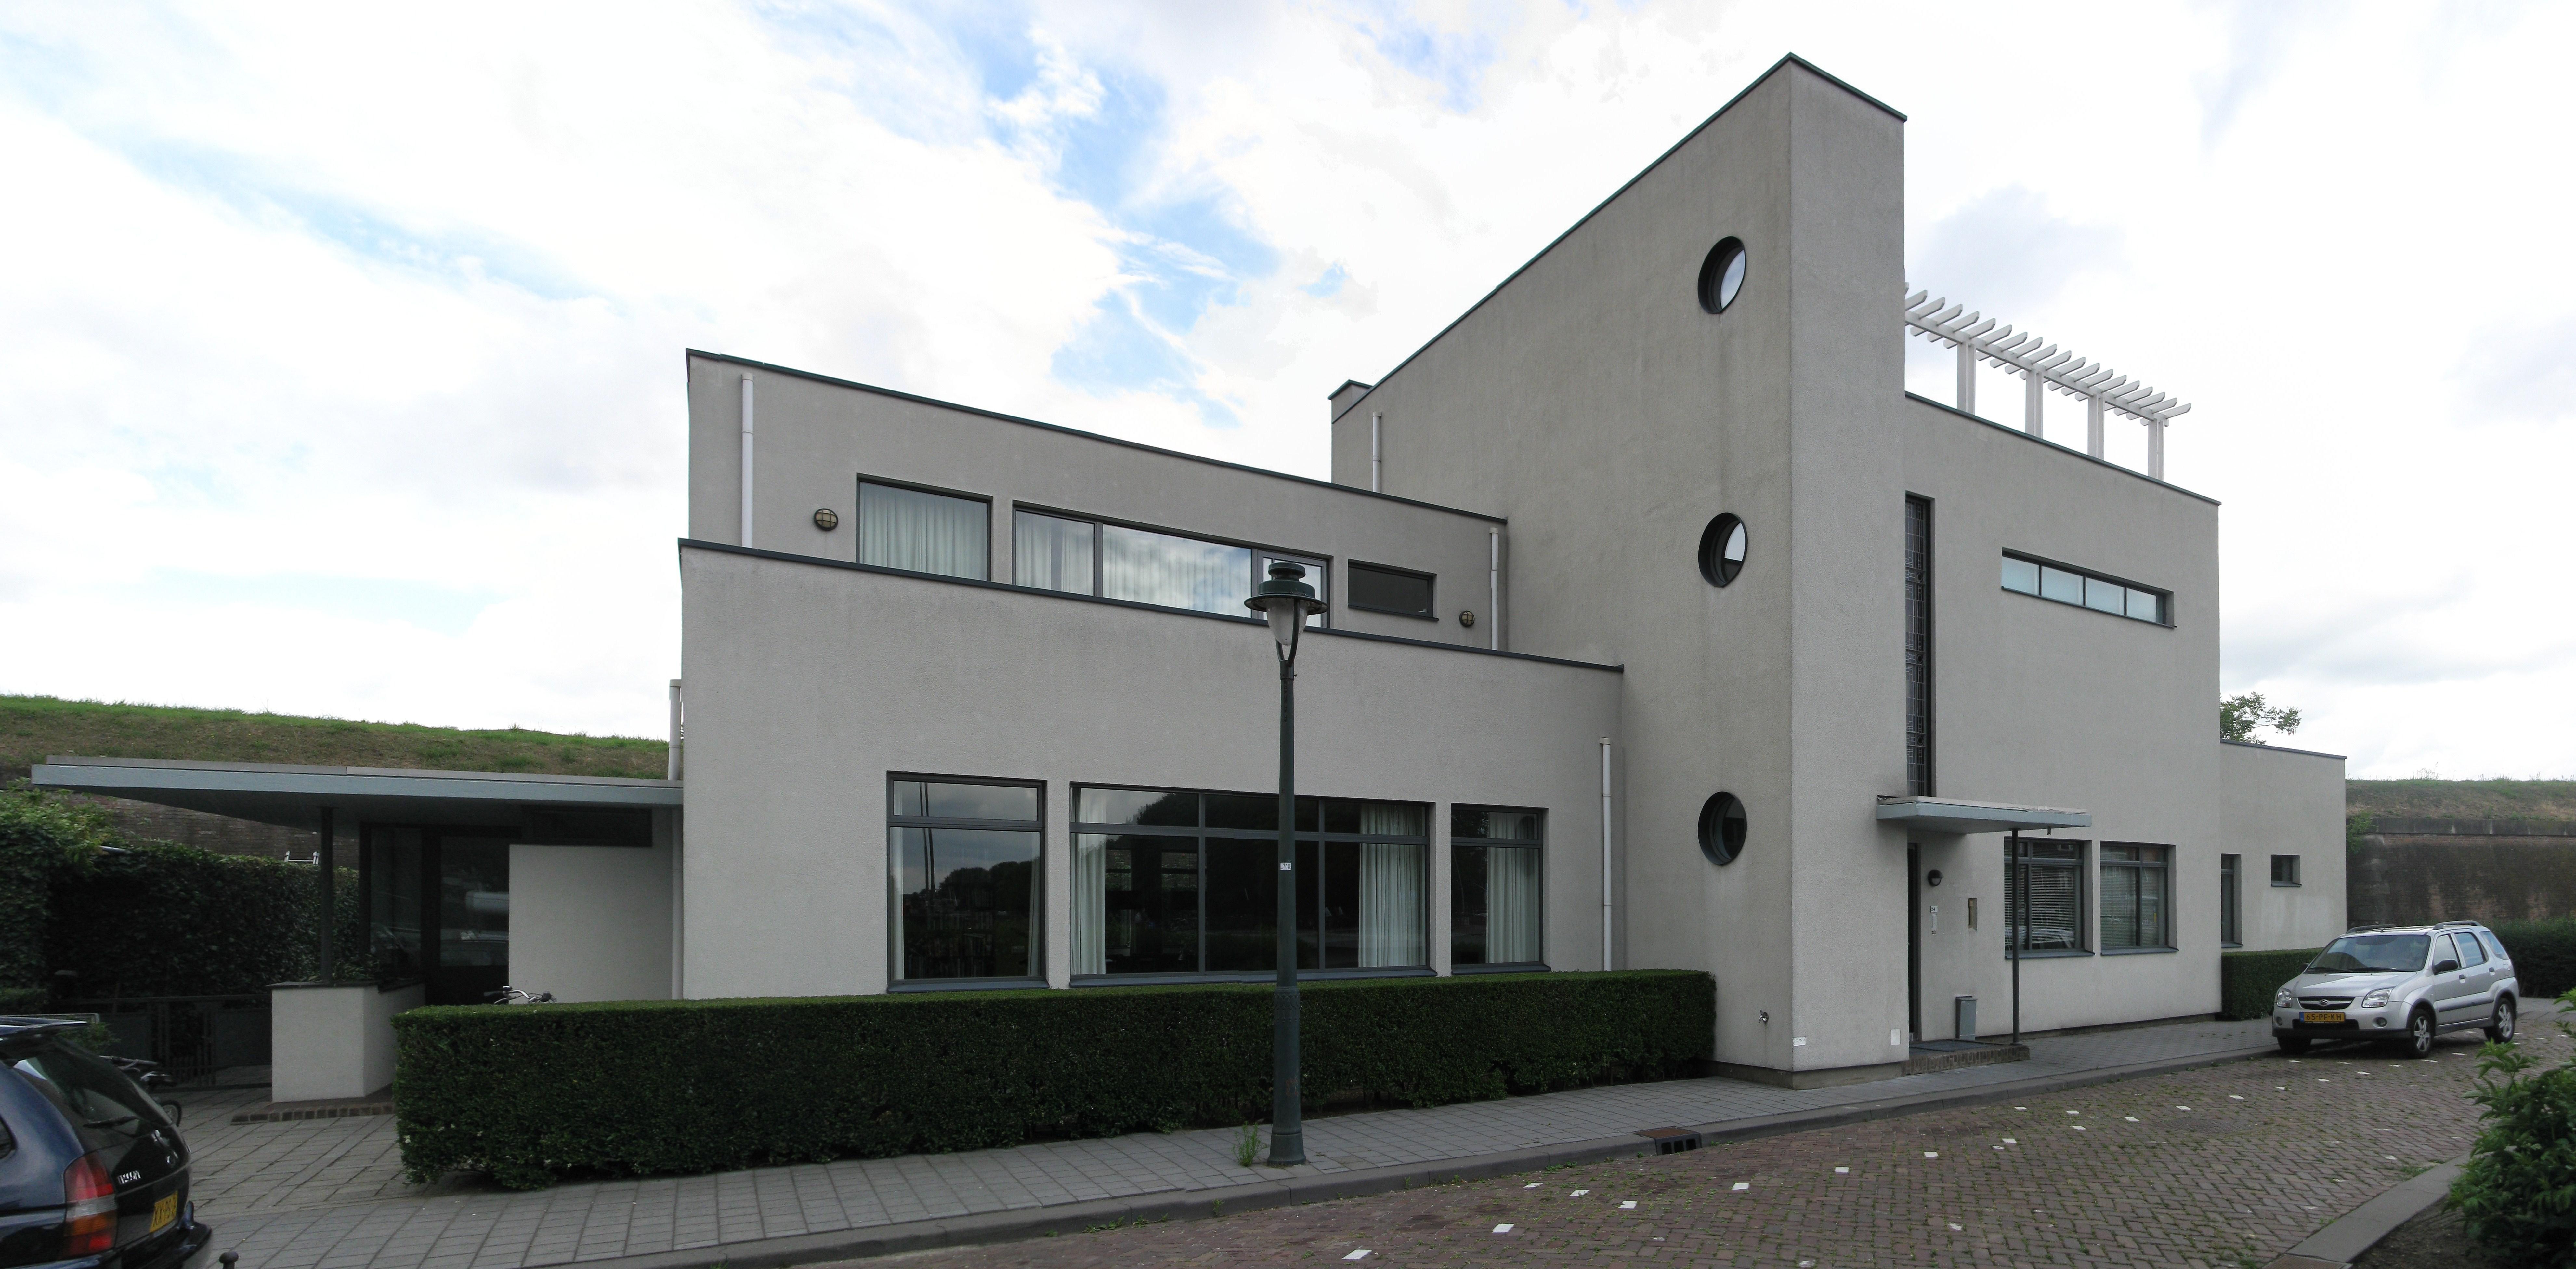 Vrijgelegen voormalig medisch consultatiebureau in 39 s hertogenbosch monument - Foto van eigentijds huis ...